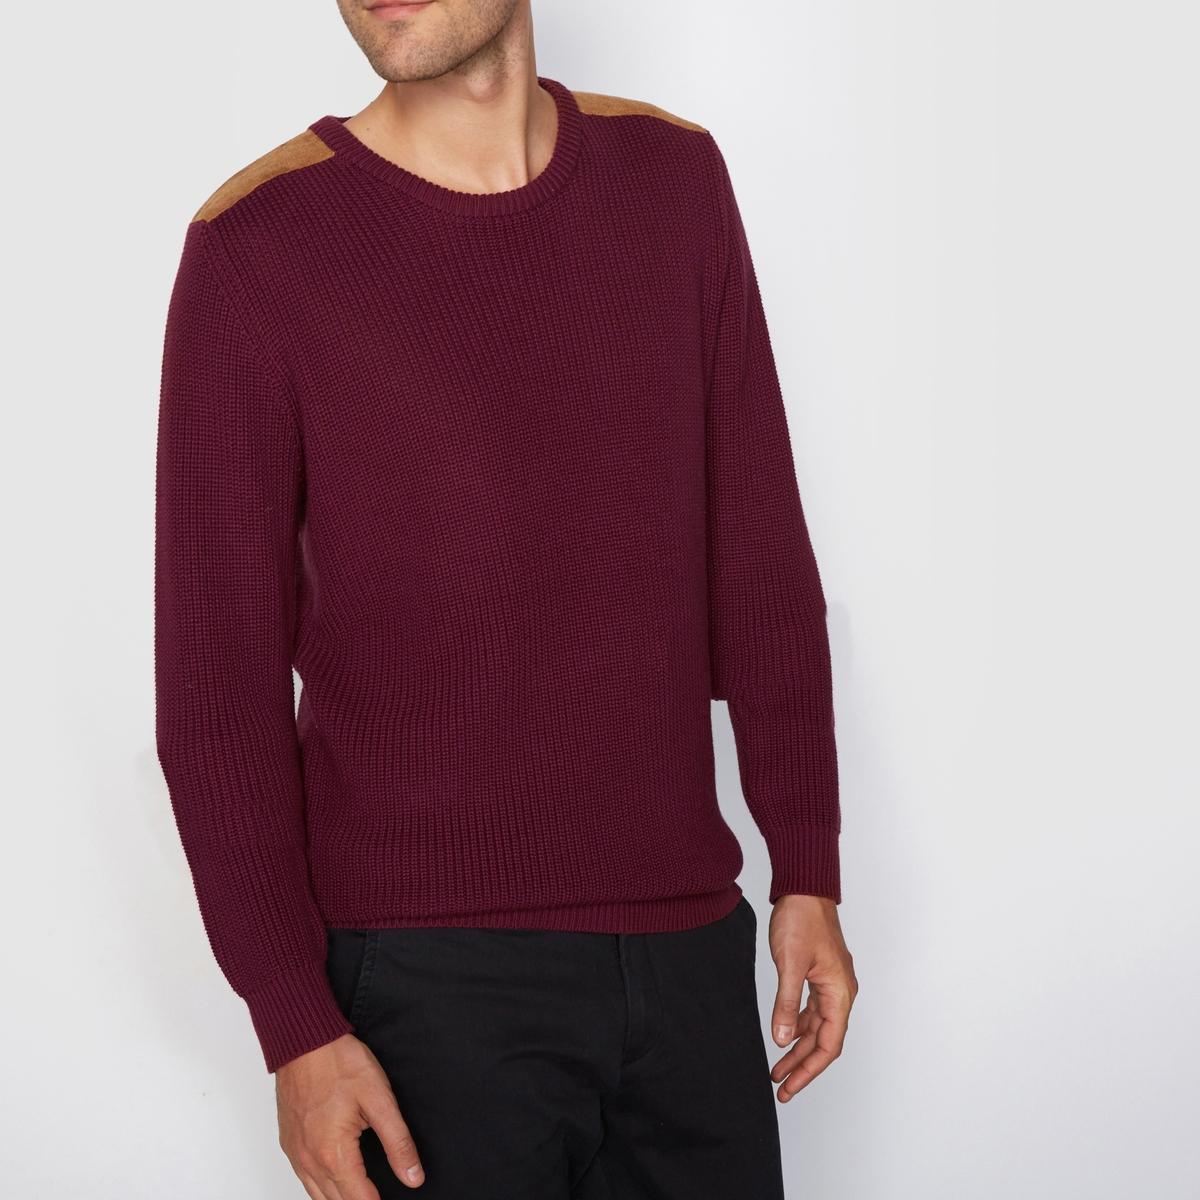 Пуловер из хлопка в рубчик, высокий воротник, вставки на плечахПуловер из хлопка в рубчик, высокий воротник, вставки на плечах, R edition.Стильный пуловер, 100% хлопок, вставки из искусственной замши на плечах. Можно носить на голое тело или с футболкой и наслаждаться комфортом. Материал : 100% хлопок Длинные рукава.  Круглый вырез. Вставки из искусственной замши на плечах.<br><br>Цвет: бордовый,серый,темно-синий<br>Размер: M.3XL.M.XXL.XL.S.3XL.XXL